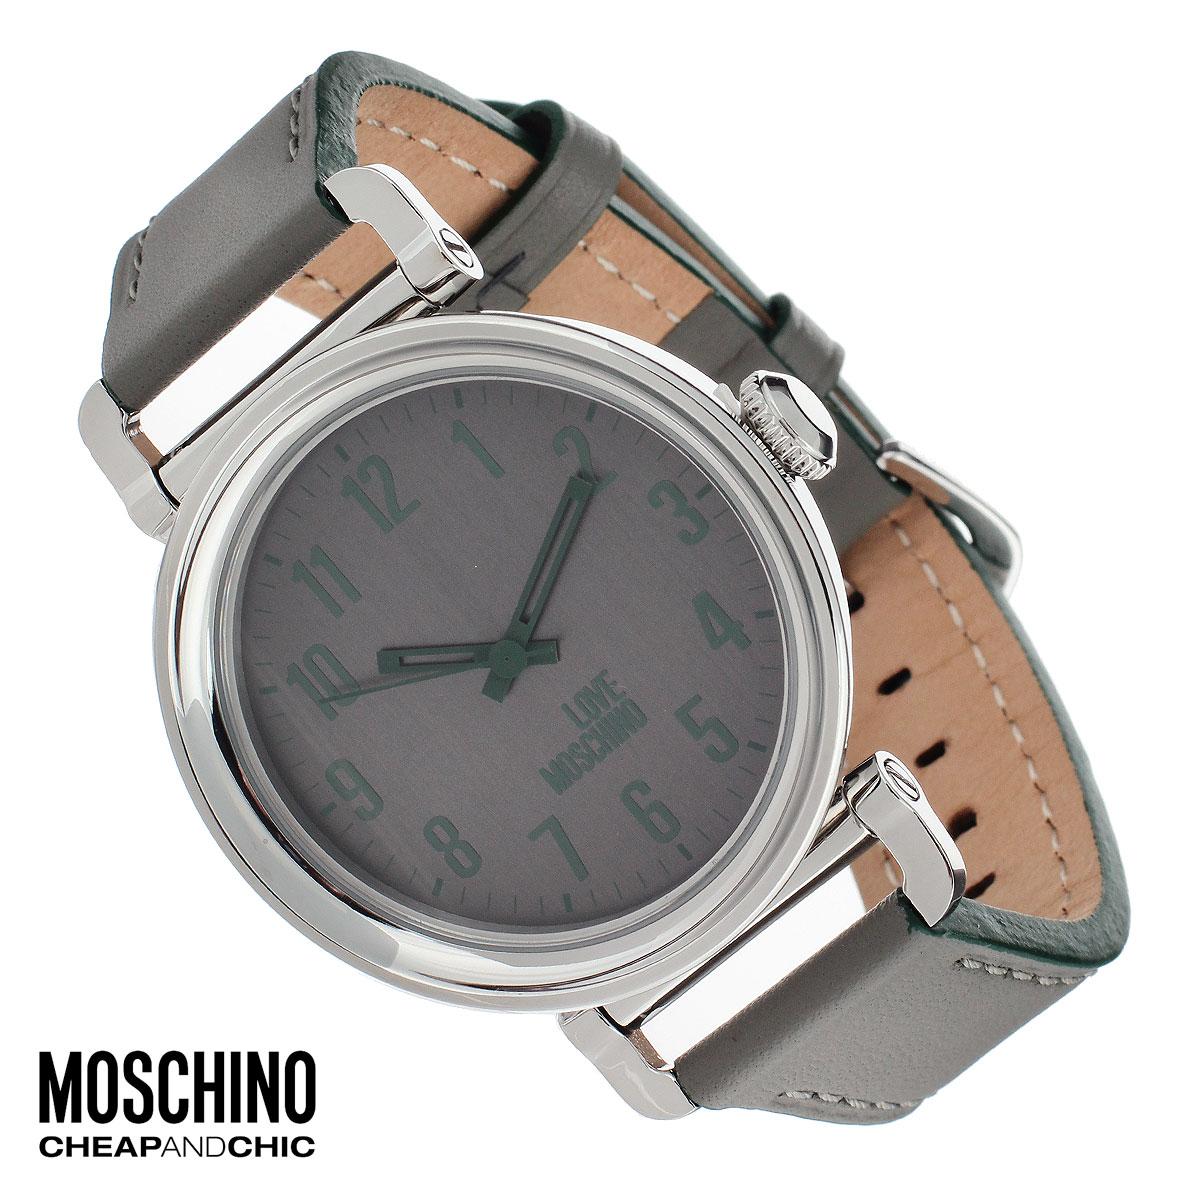 """Часы женские наручные Moschino, цвет: серый. MW0451MW0451Наручные часы от известного итальянского бренда Moschino - это не только стильный и функциональный аксессуар, но и современные технологи, сочетающиеся с экстравагантным дизайном и индивидуальностью. Часы Moschino оснащены кварцевым механизмом. Корпус выполнен из высококачественной нержавеющей стали. Циферблат с арабскими цифрами оформлен надписью """"Love Moschino"""" и защищен минеральным стеклом. Часы имеют три стрелки - часовую, минутную и секундную. Ремешок часов выполнен из натуральной кожи и имеет классическую застежку. Часы упакованы в фирменную металлическую коробку с логотипом бренда. Часы Moschino благодаря своему уникальному дизайну отличаются от часов других марок своеобразными циферблатами, функциональностью, а также набором уникальных технических свойств. Каждой модели присуща легкая экстравагантность, самобытность и, безусловно, великолепный вкус. Характеристики: Диаметр циферблата: 3,6 см. Размер корпуса: 4,5..."""